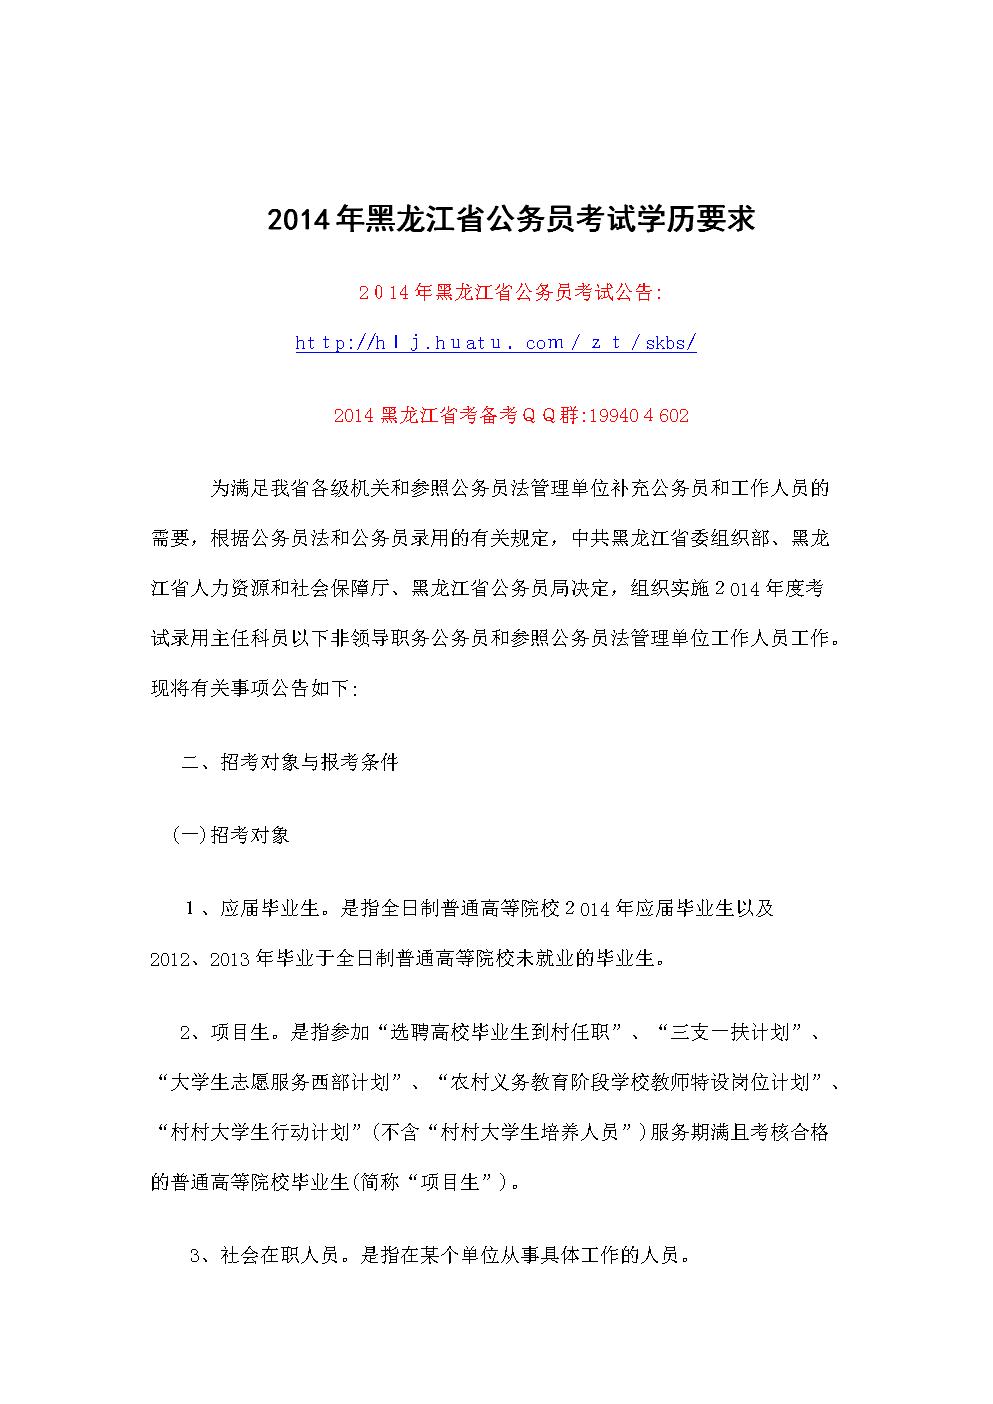 2014年黑龙江省公务员考试学历要求.doc